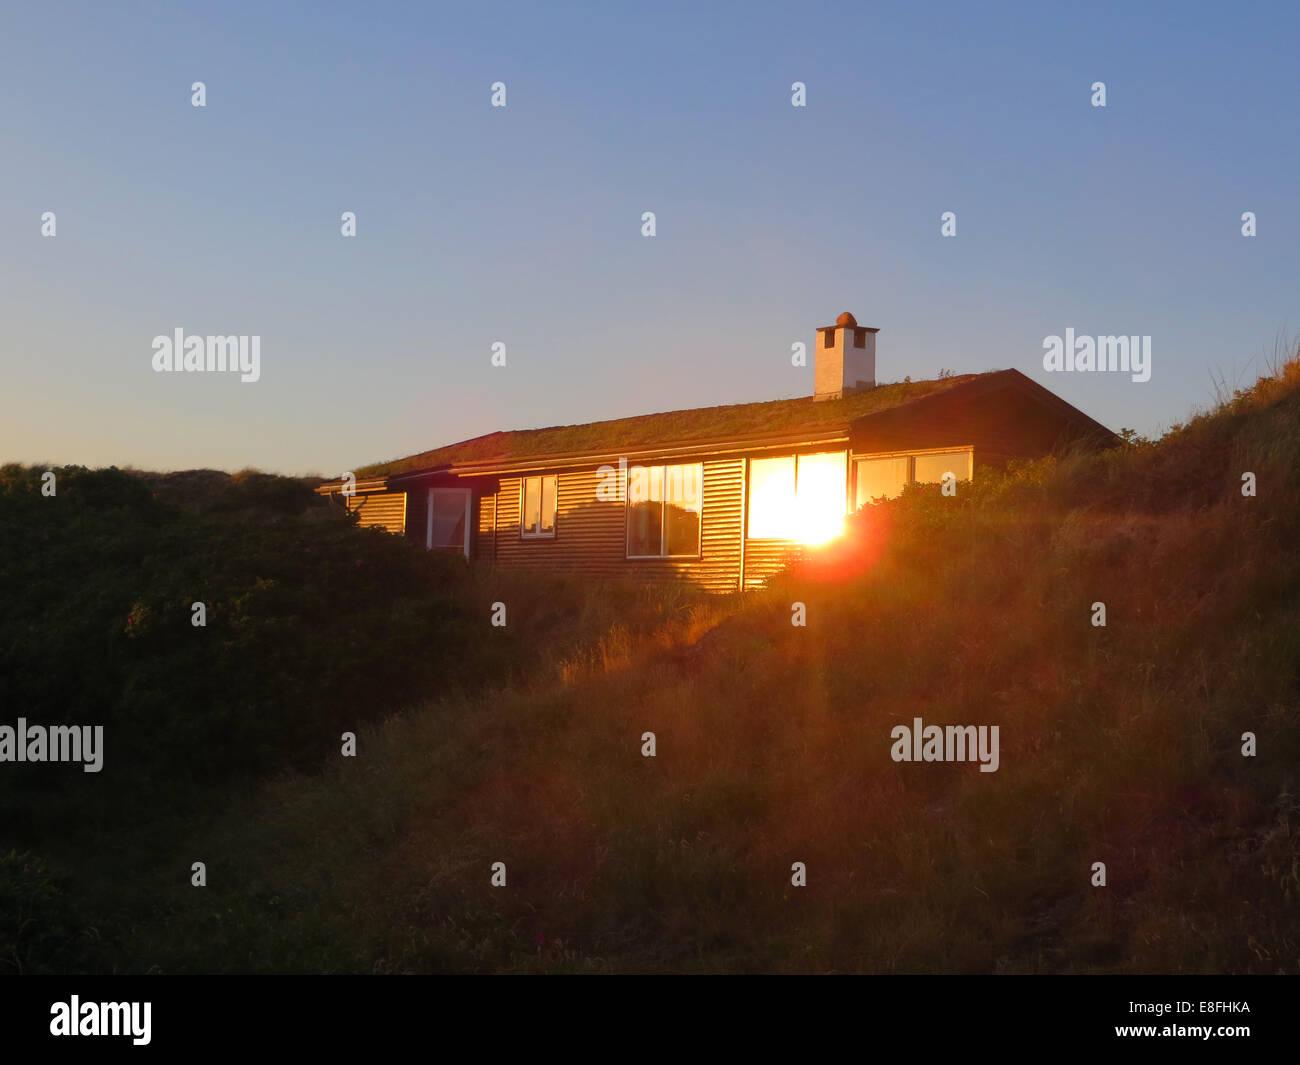 Summerhouse at dusk, Fanoe, Denmark - Stock Image